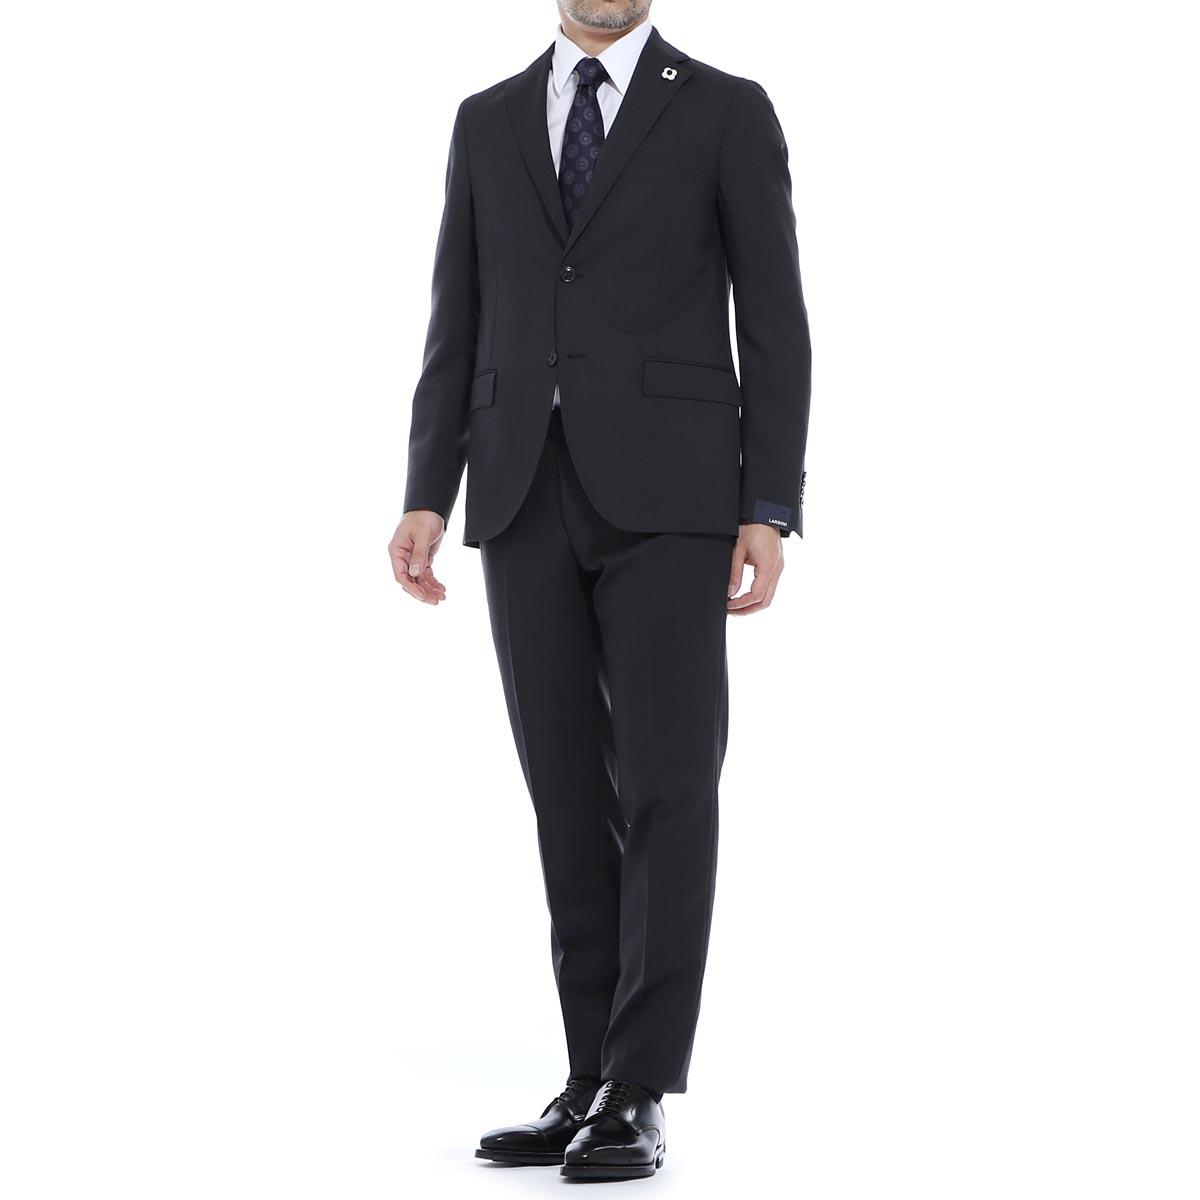 ラルディーニ LARDINI 2つボタンスーツ グレー メンズ ei861av eirp54489 3 SUIT SPECIAL LINE ITALIAN FIT 【あす楽対応_関東】【返品送料無料】